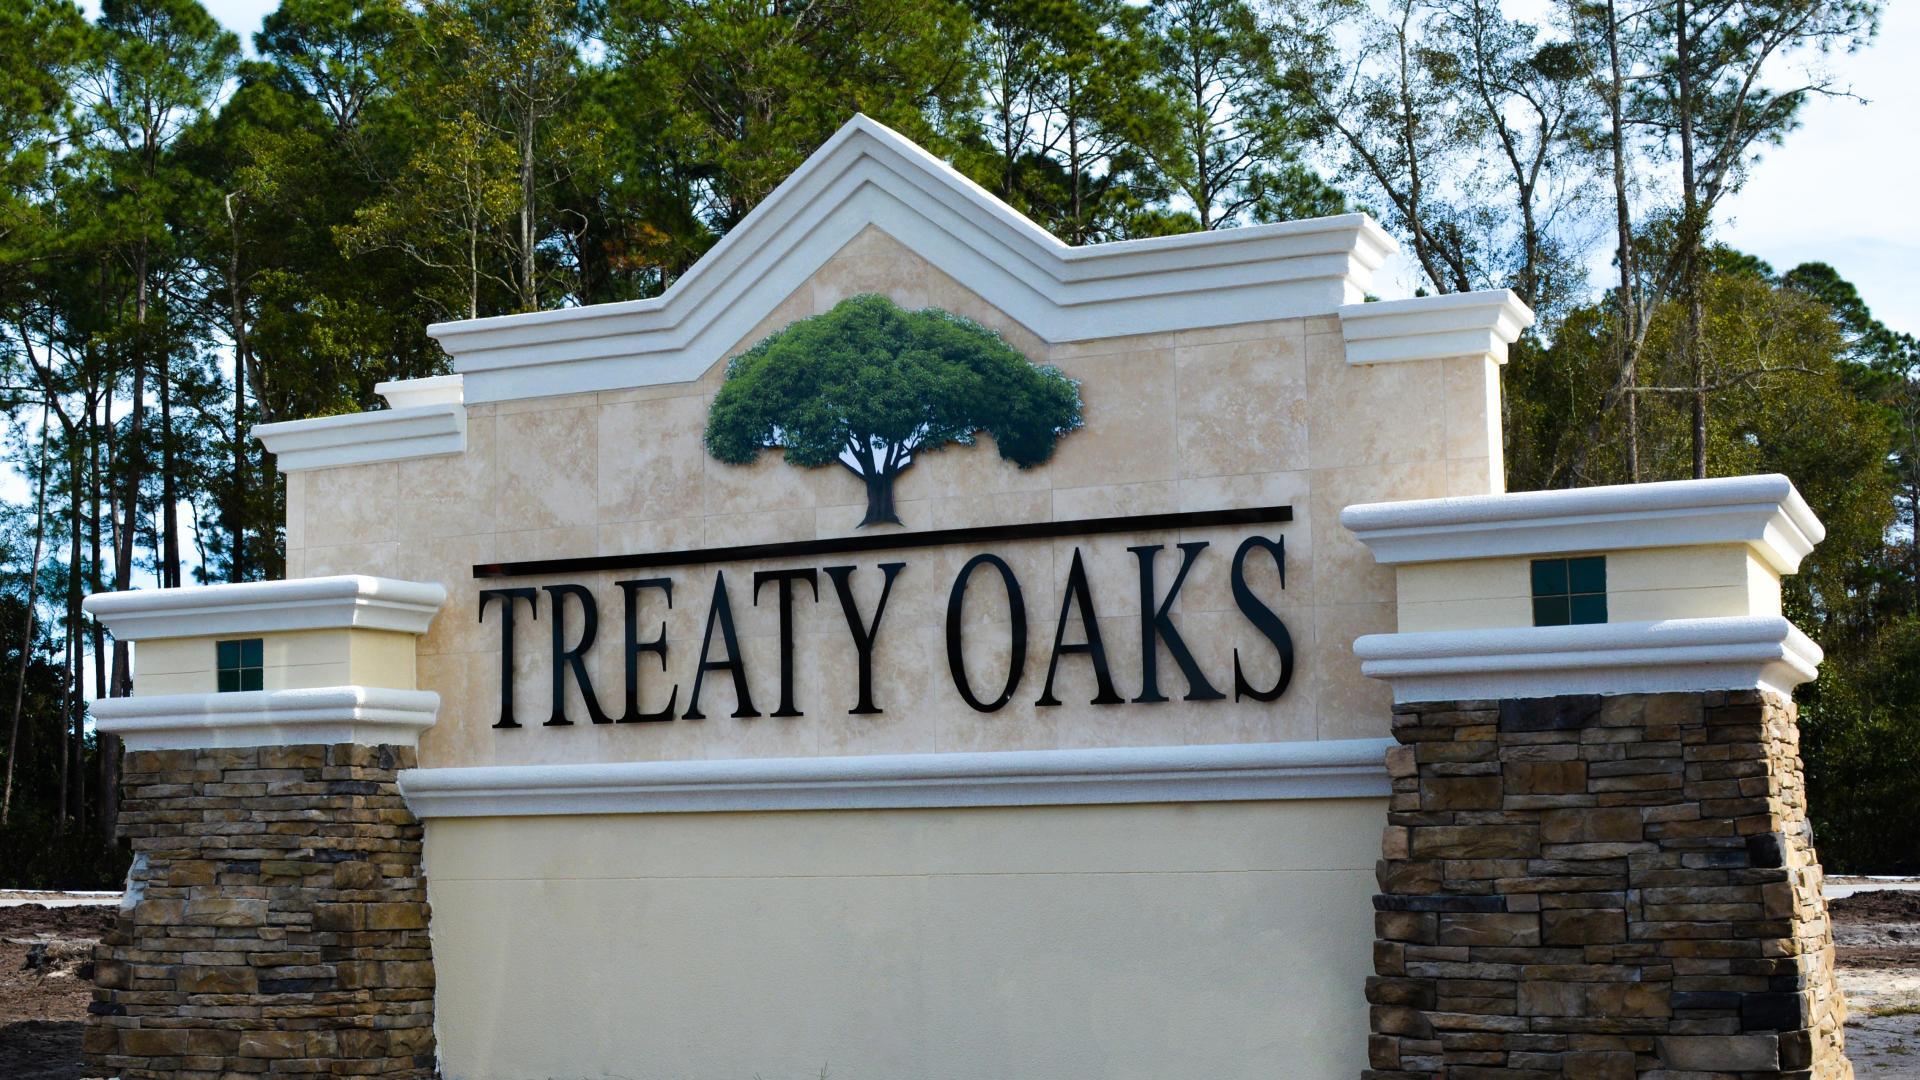 Treaty Oaks,32086